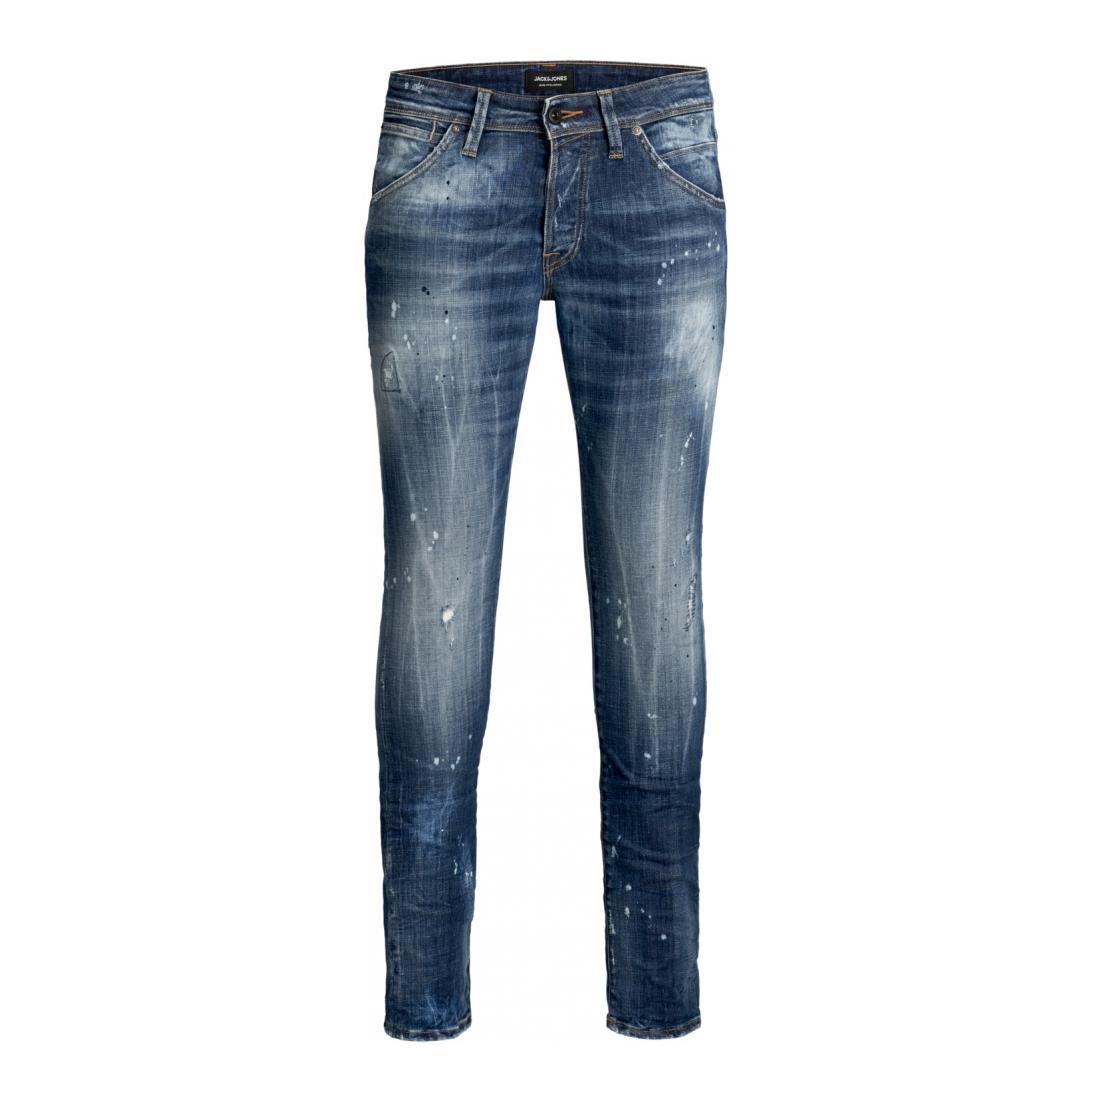 Jack & Jones Jeans Herren JJIGLENN JJFOX BL 925 NOO